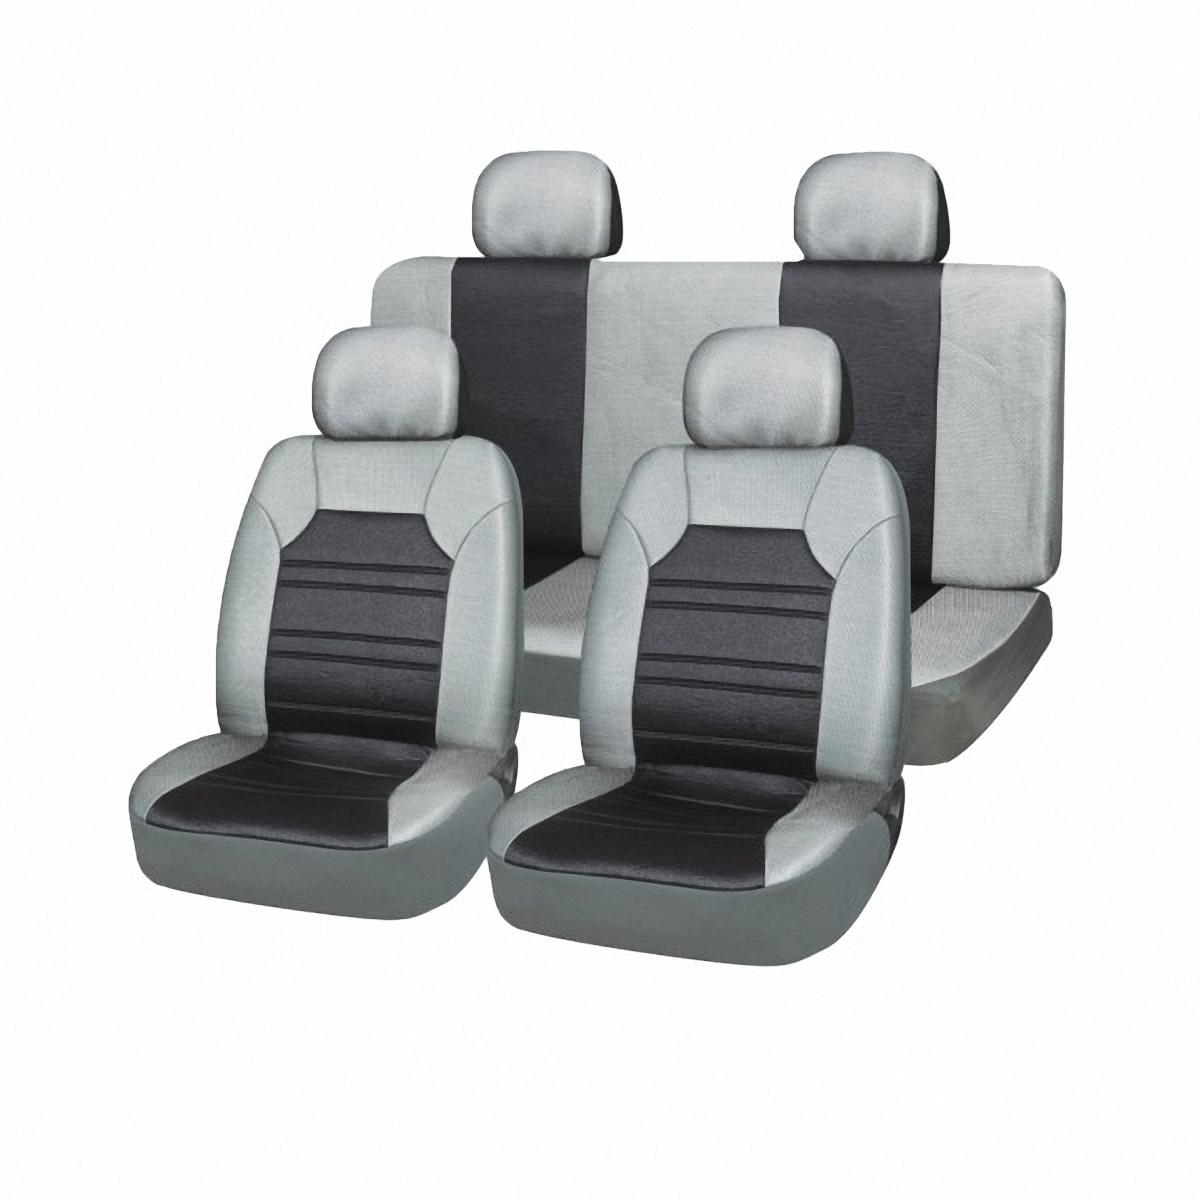 Чехлы автомобильные Skyway. SW-121033 BK/GY S/S01301027Ветерок 2ГФВам не хватает уюта и комфорта в салоне? Самый лучший способ изменить это – «одеть» ваши сидения в чехлы SKYWAY. Изготовленные из прочного материала они защитят ваш салон от износа и повреждений. Более плотный поролон позволяет чехлам полностью прилегать к сидению автомобиля и меньше растягиваться в процессе использования. Ткань чехлов на сиденья SKYWAY не вытягивается, не истирается, великолепно сохраняет форму, устойчива к световому и тепловому воздействию, а ровные, крепкие швы не разойдутся даже при сильном натяжении.